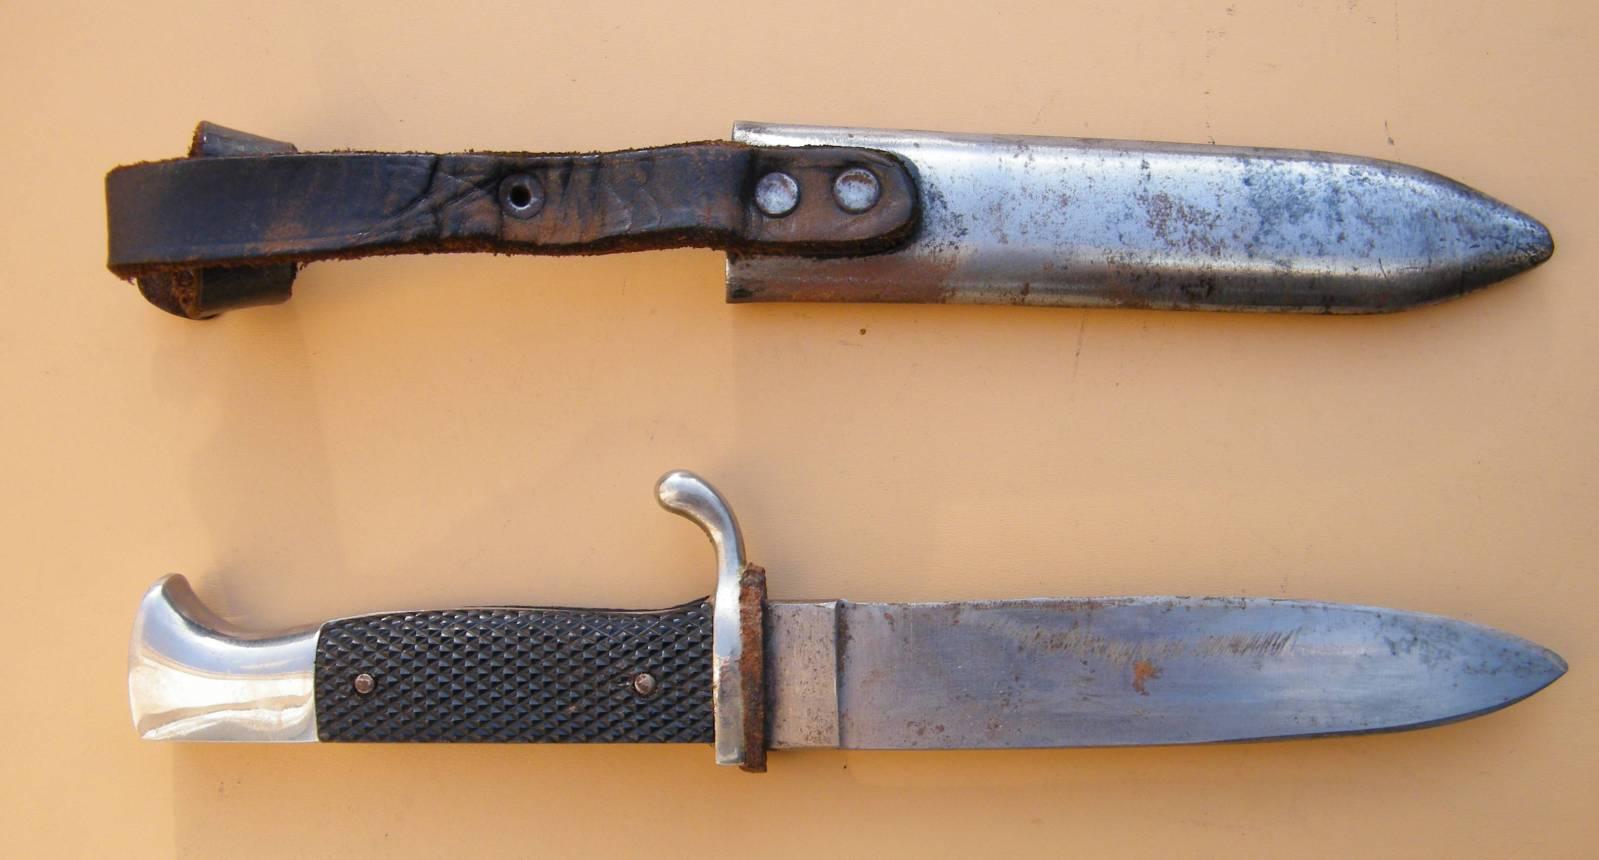 couteau hj copie ou pas 2jevguc